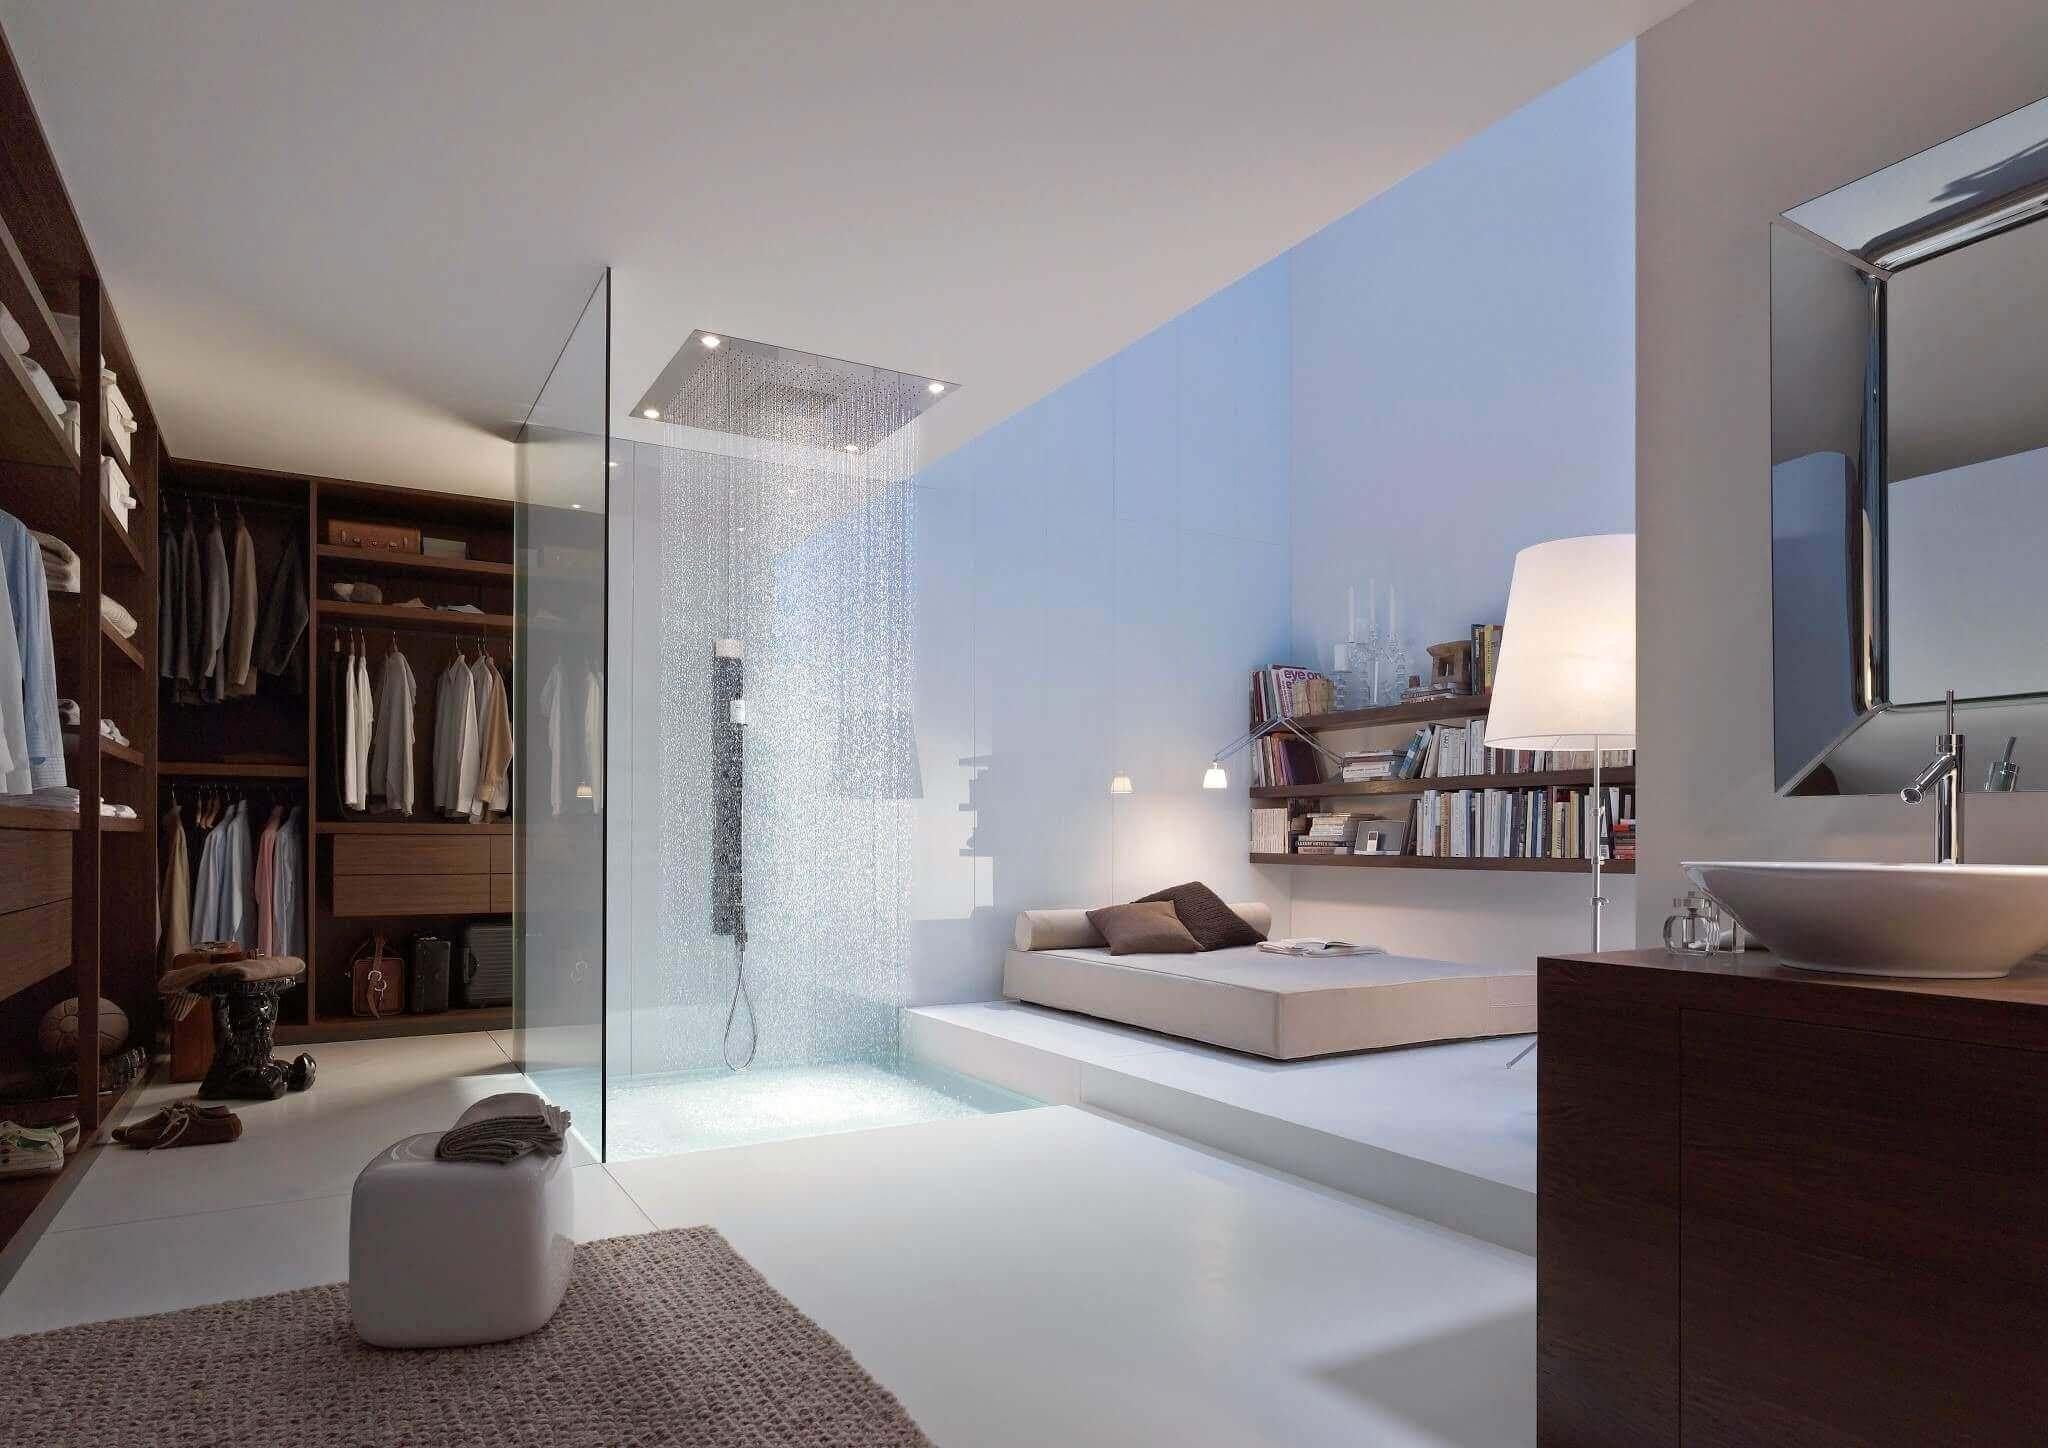 Badtrends 2019 Oder Auch Die Neuesten Trends Für Das Badezimmer 2019